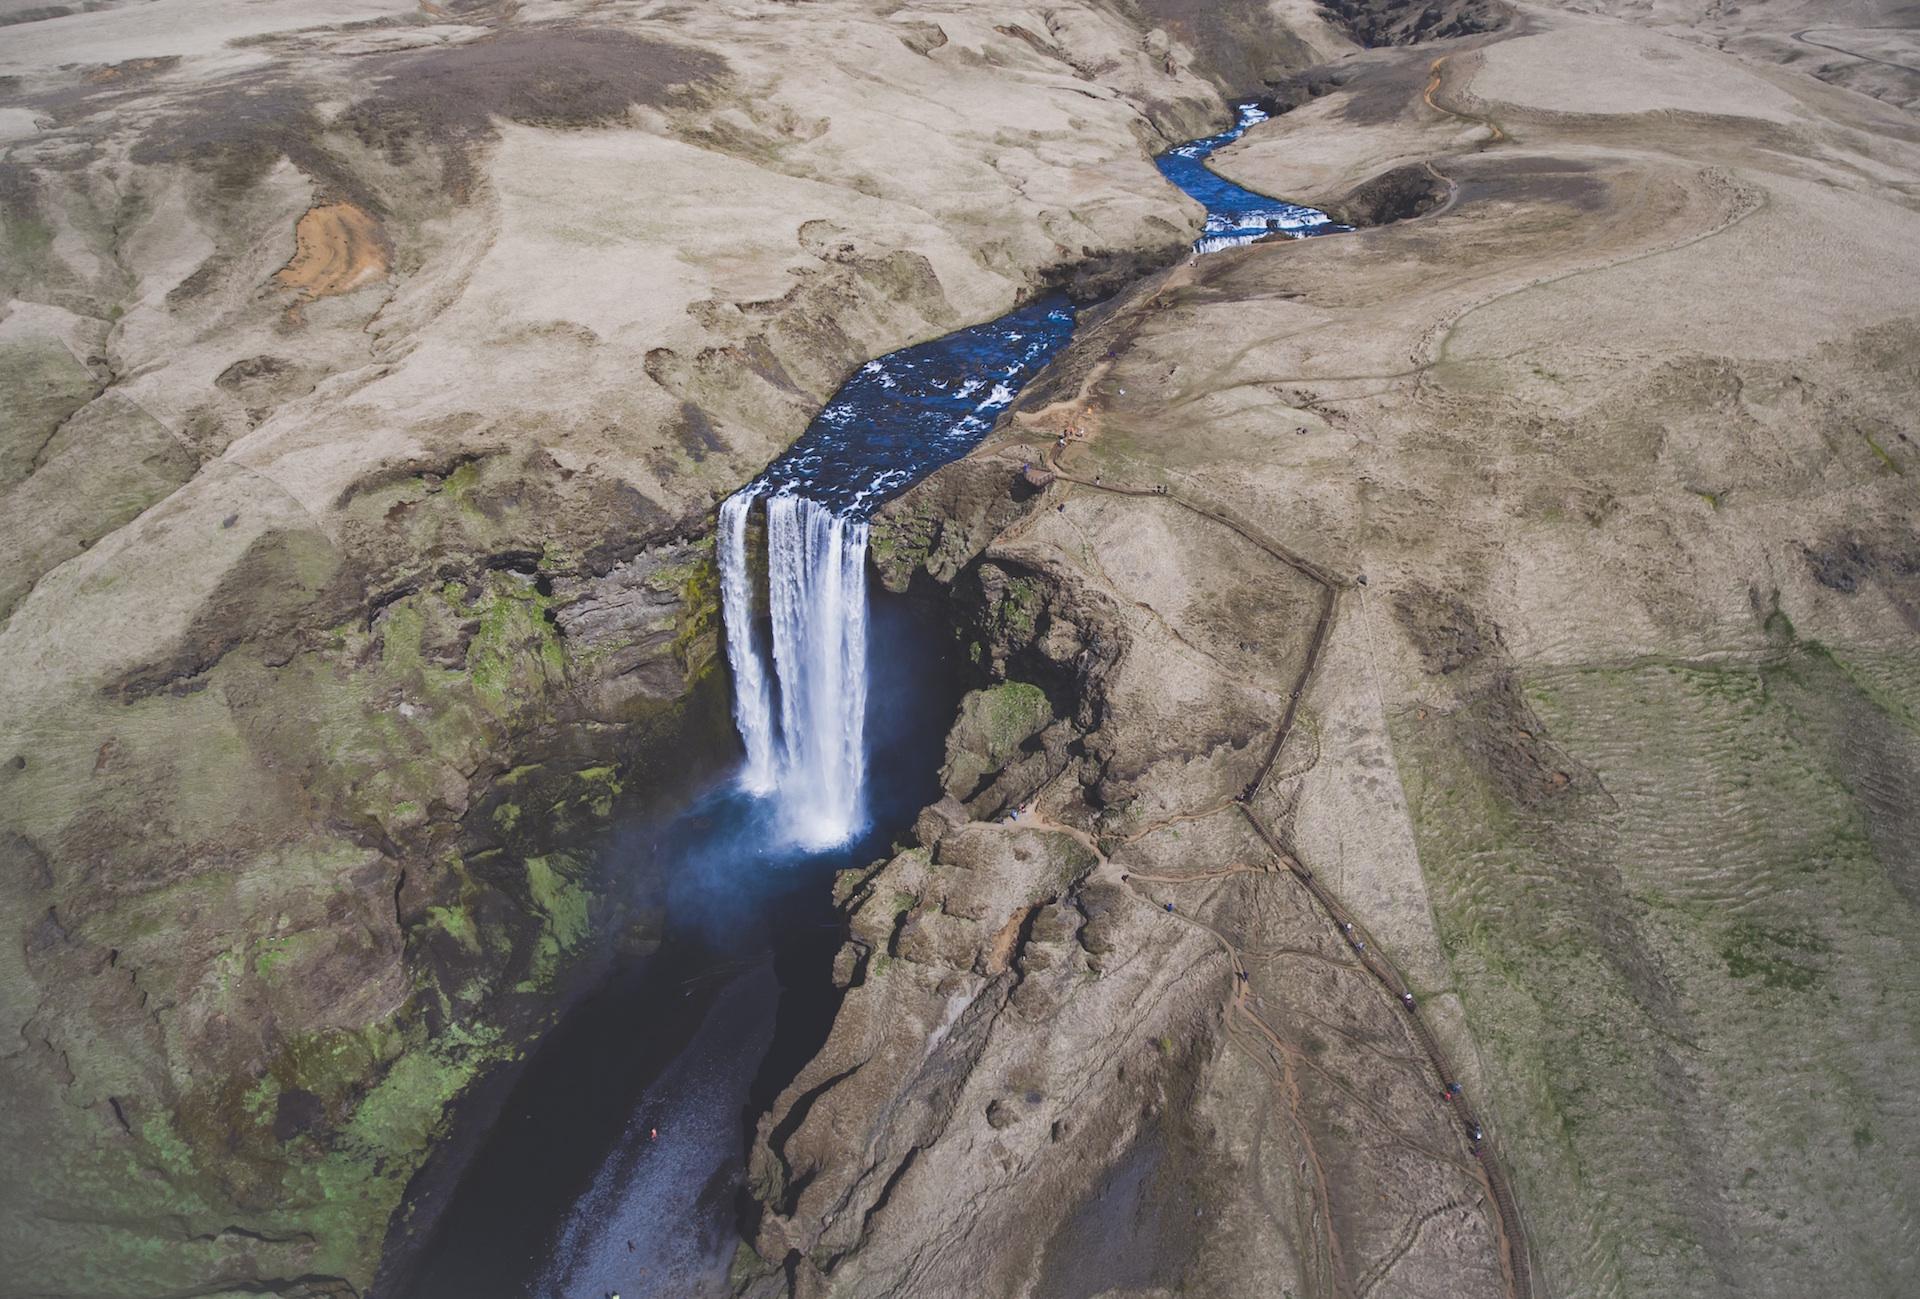 Rivière, cataracte, chute d'eau, eau, Islande - Fonds d'écran HD - Professor-falken.com